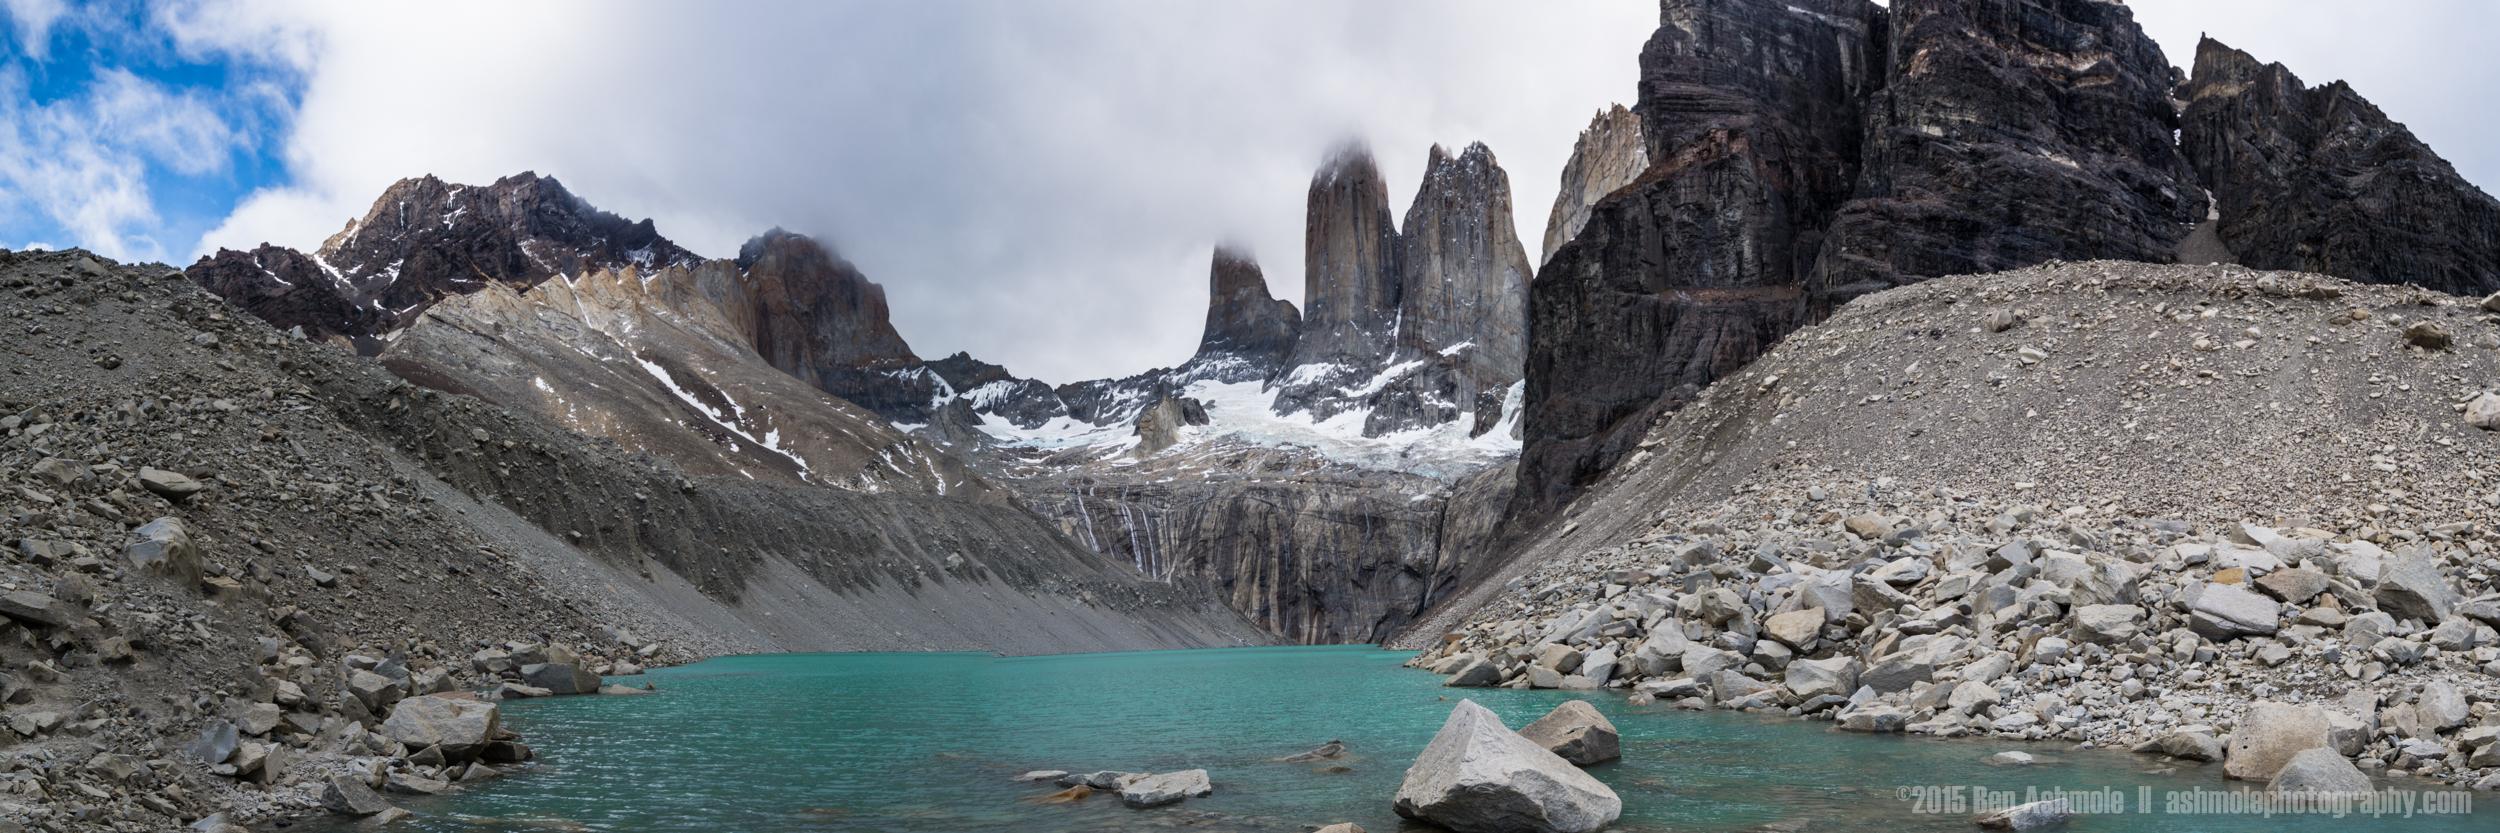 Las Torres Panorama, Torres Del Paine, Patagonia, Chile